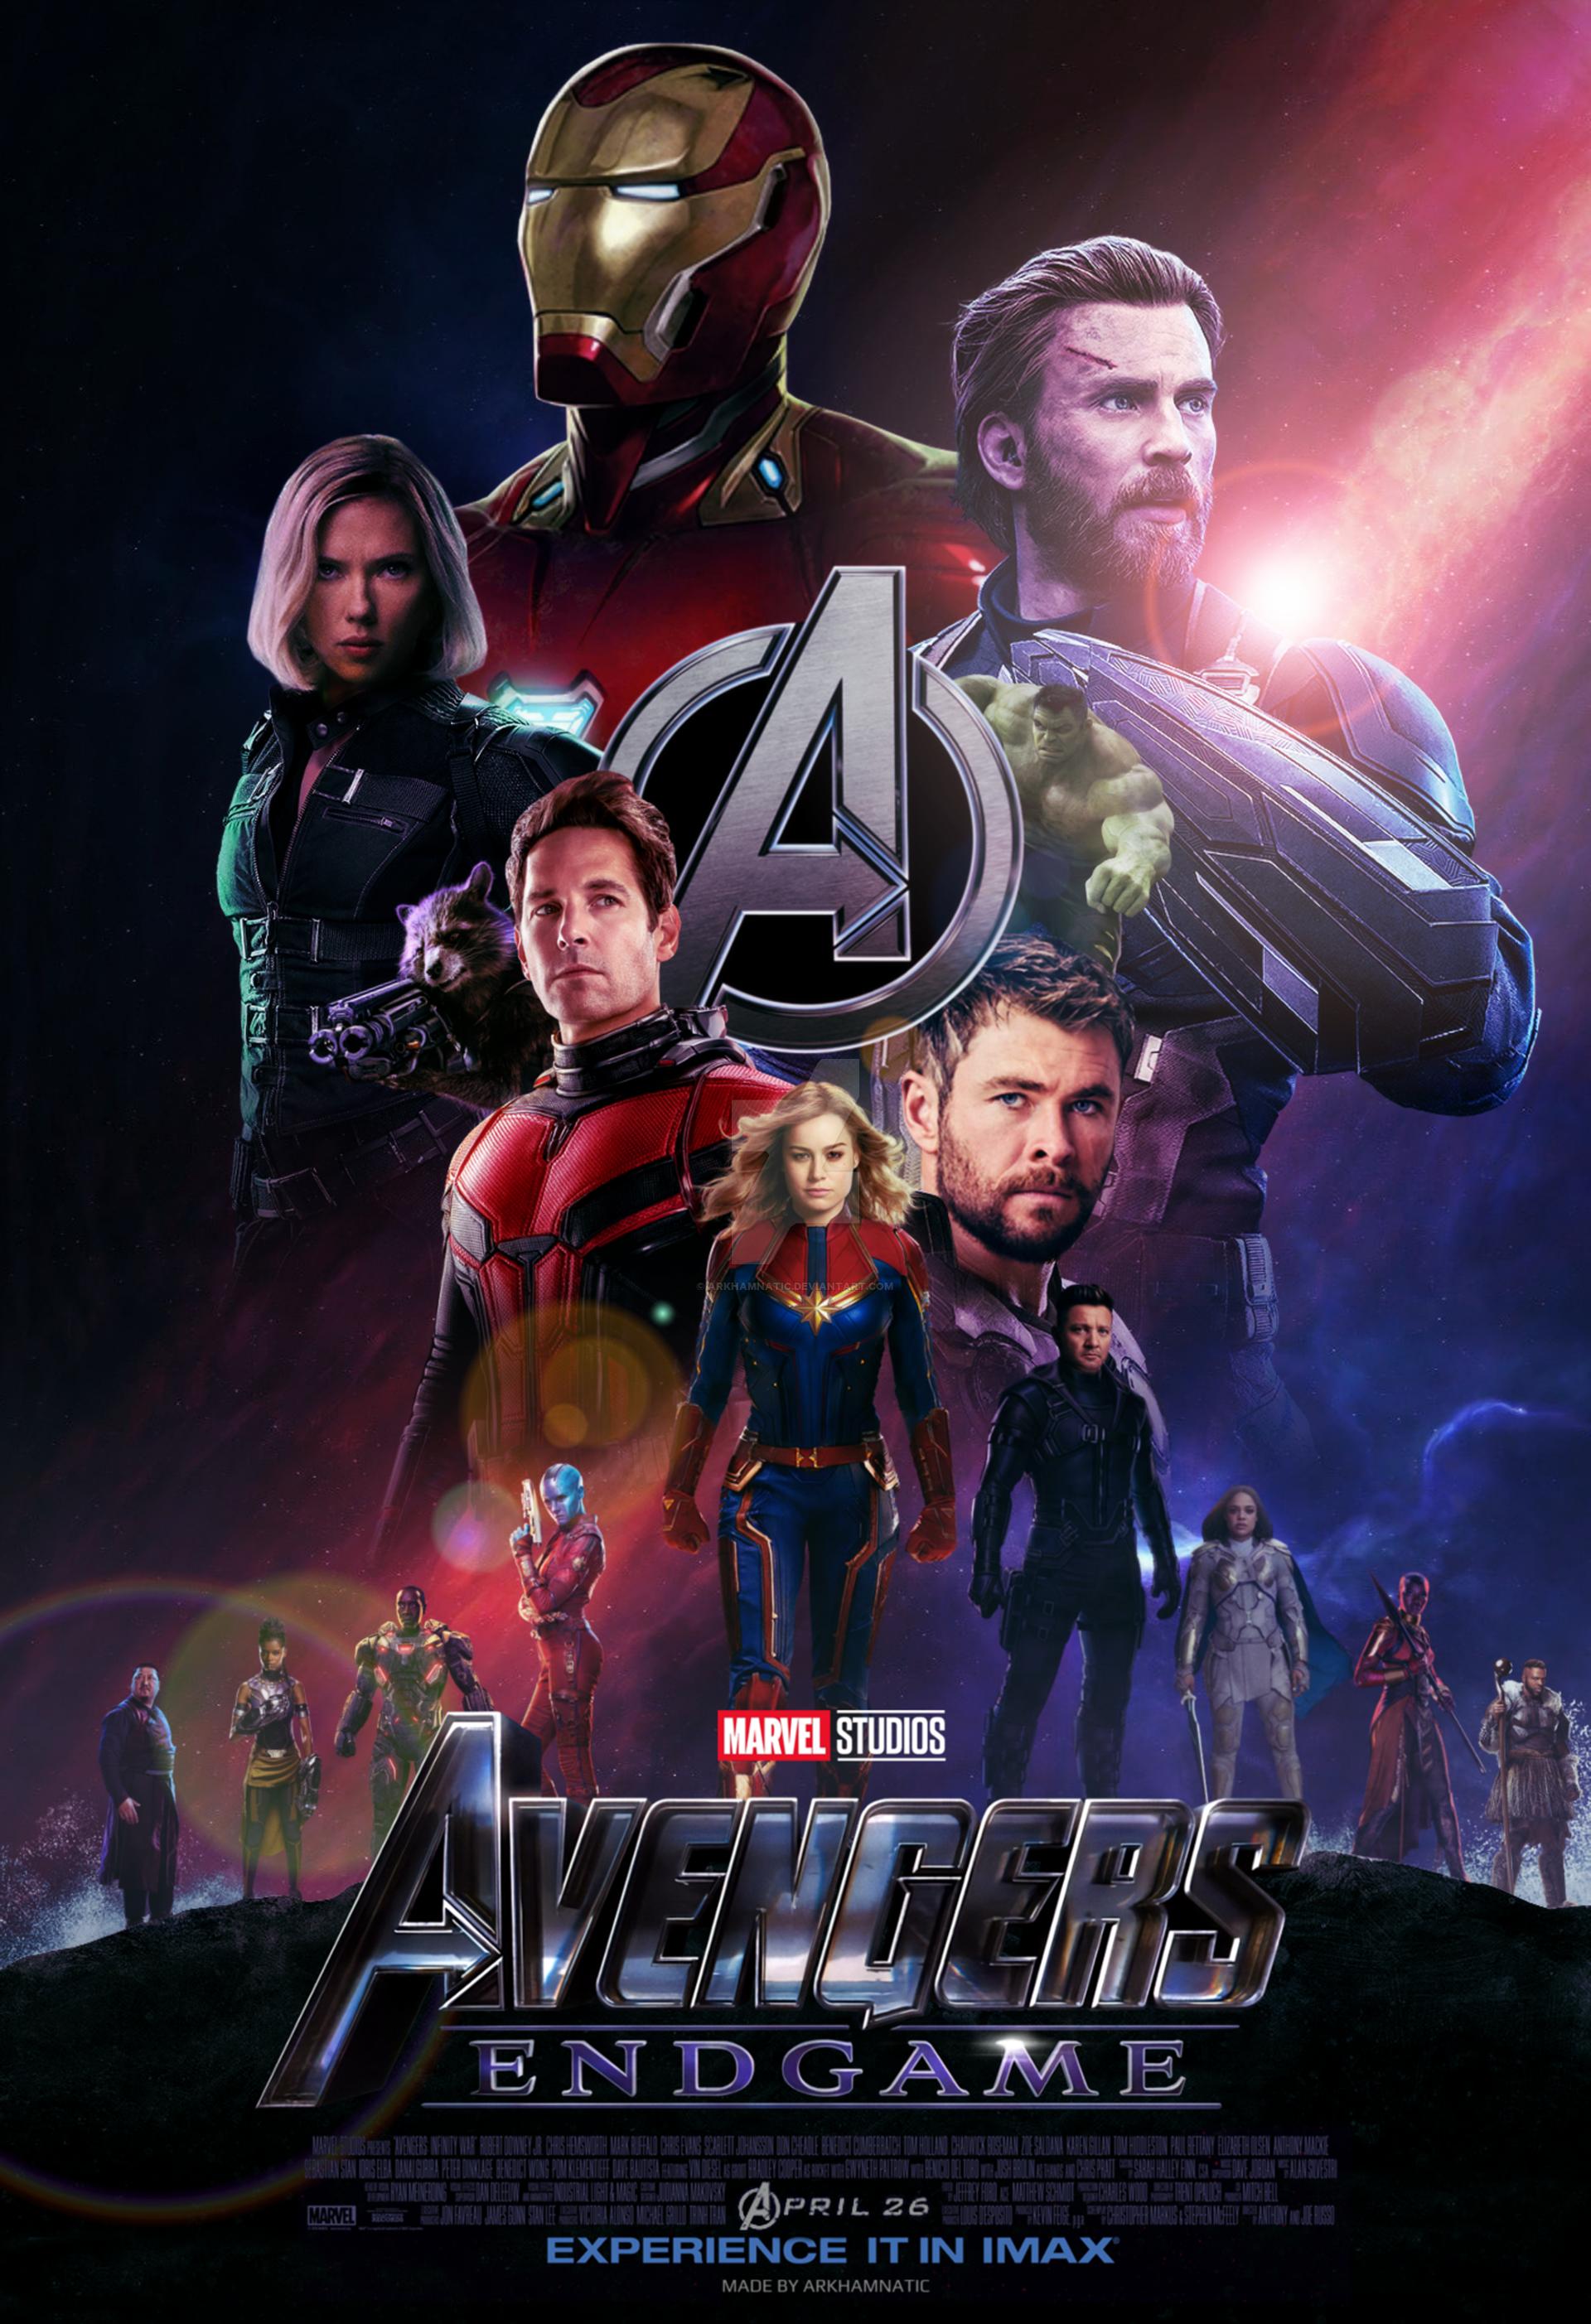 Regarder Avengers 4 2019 Streaming Vf Gratuit Film Complet Vf Entier Francais Marvel Avengers Marvel Avengers Funny Marvel Superheroes